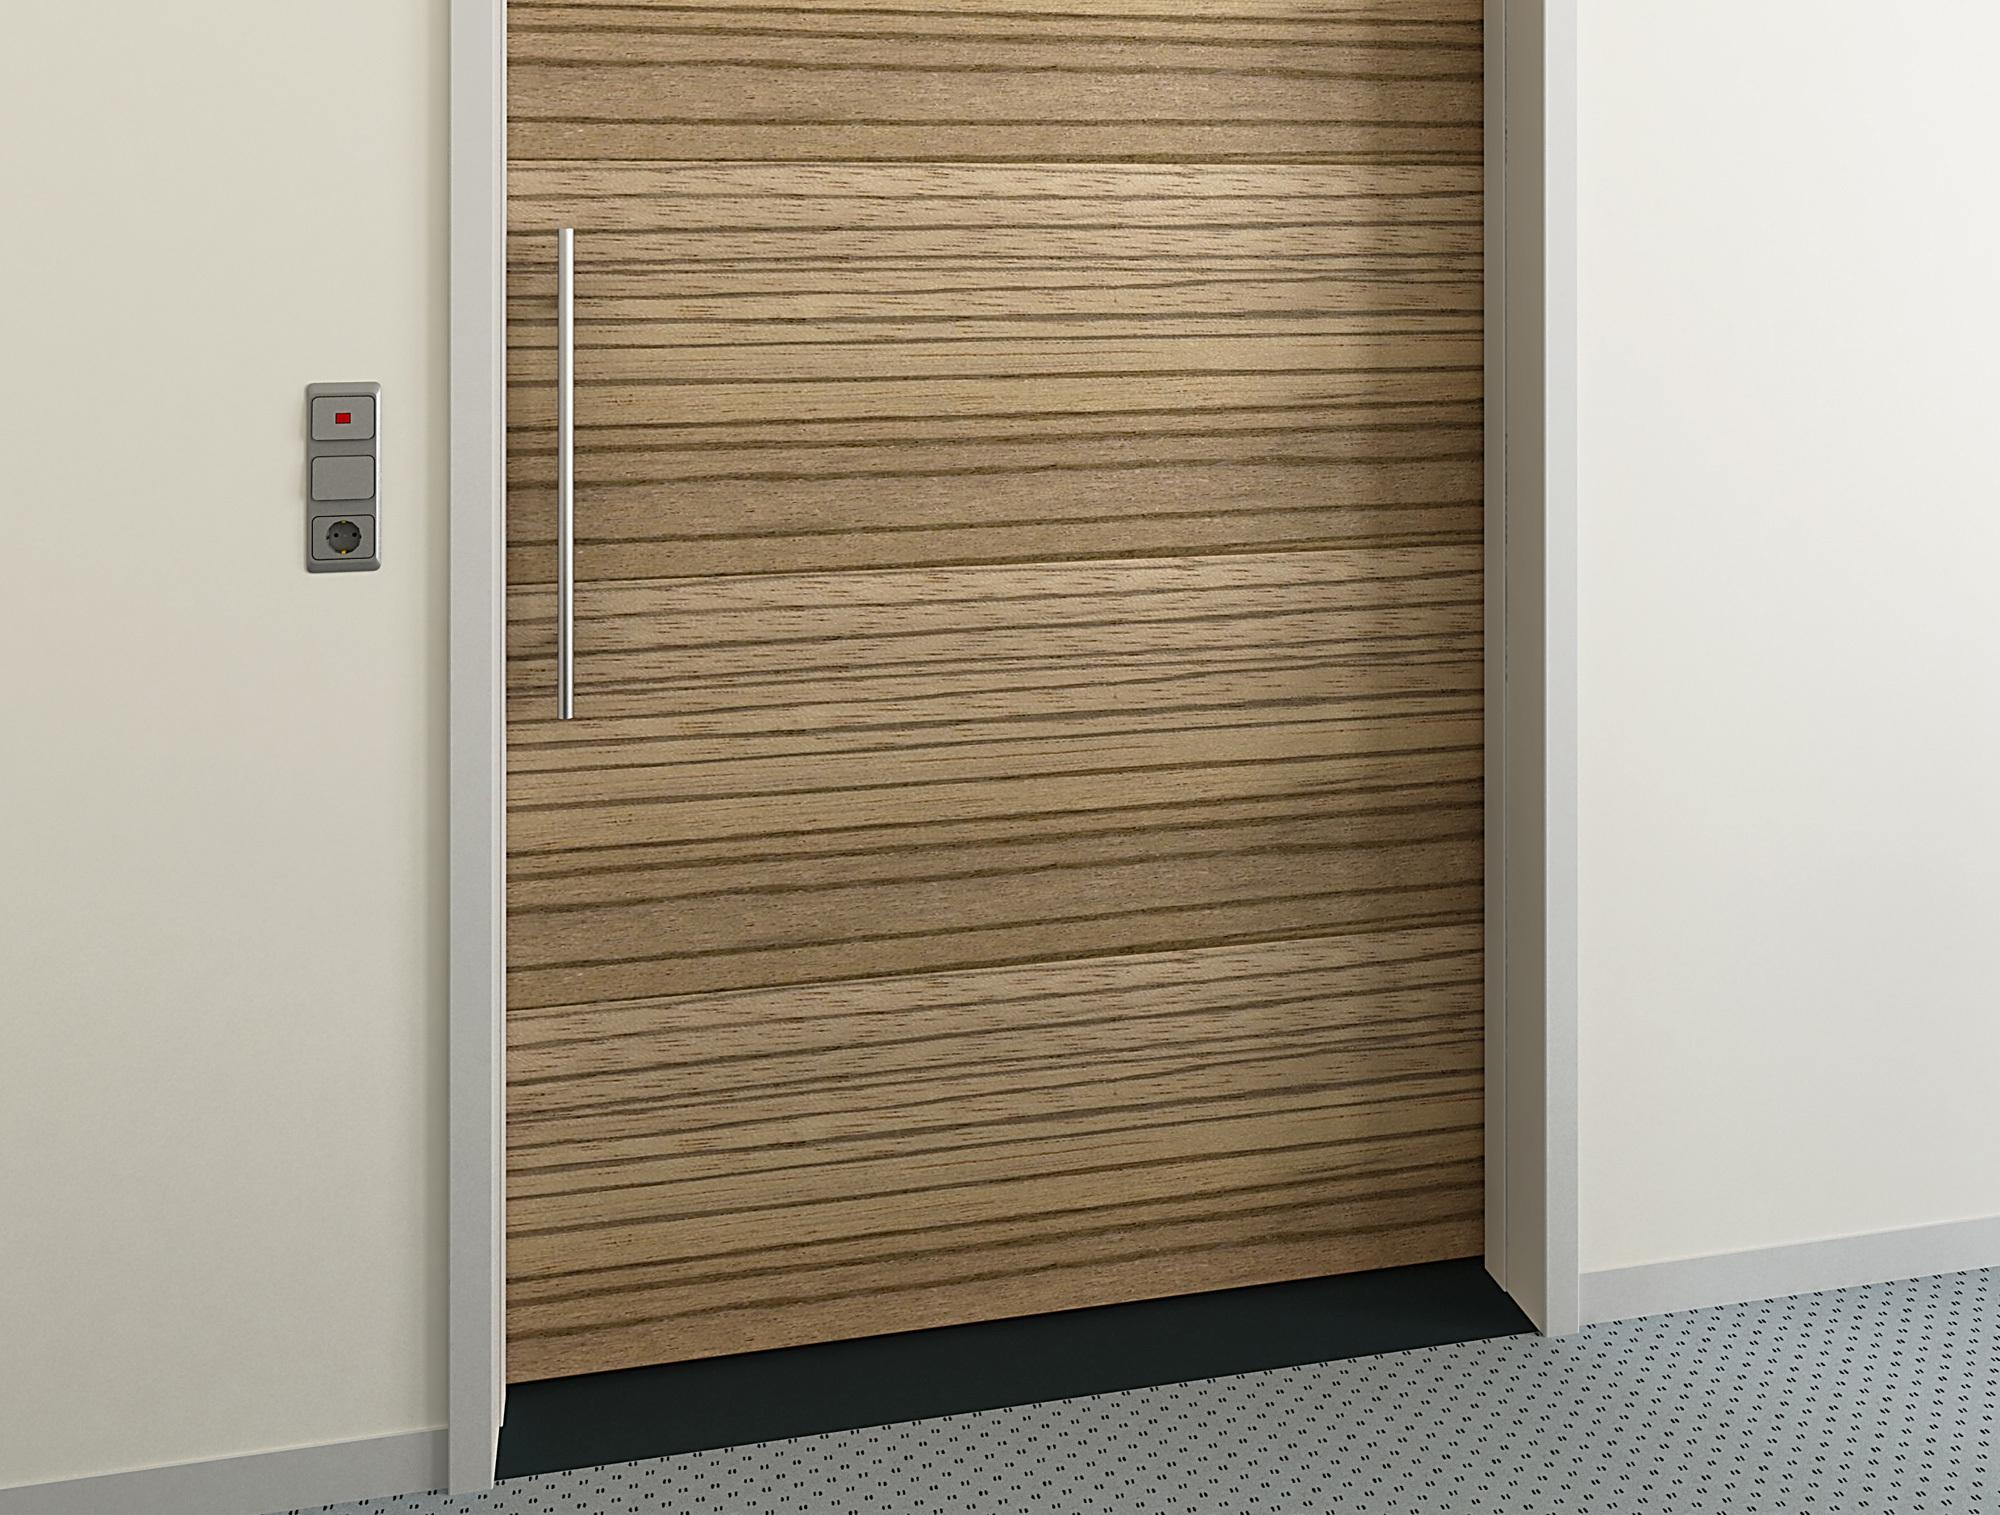 soundproofing sliding door t0 1 by